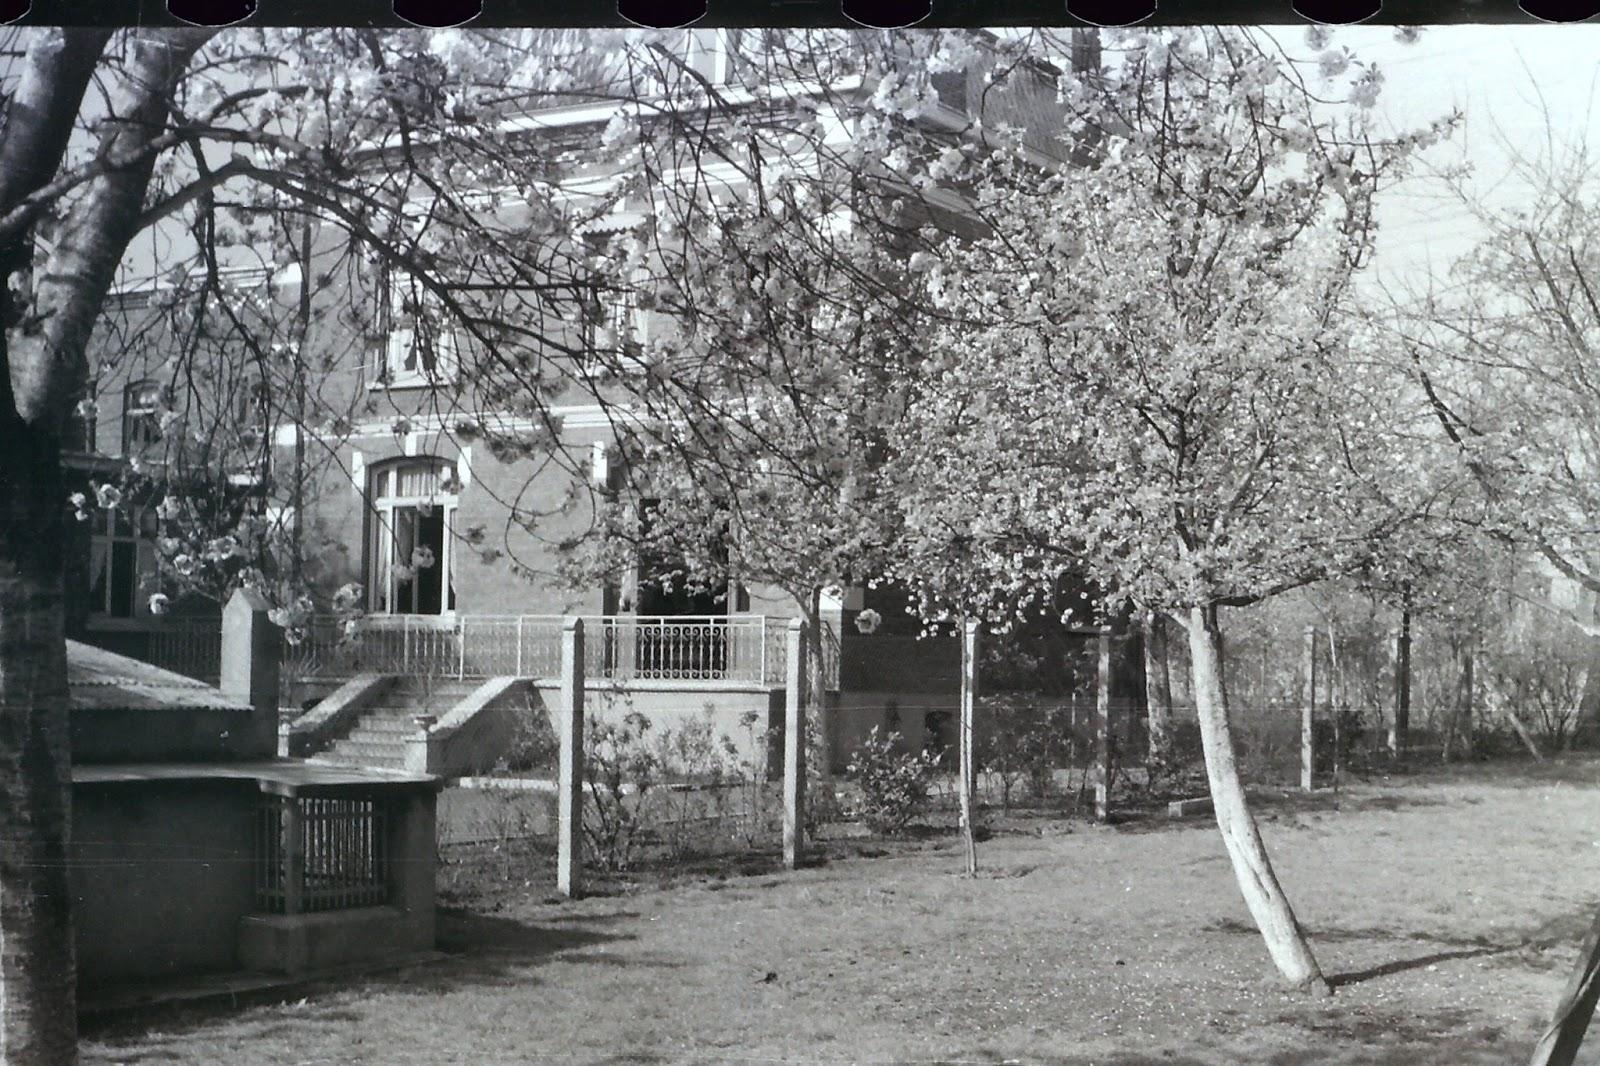 jardin de la sauvagine souvenir d 39 enfance la maison o je suis n des photos des ann es 40. Black Bedroom Furniture Sets. Home Design Ideas